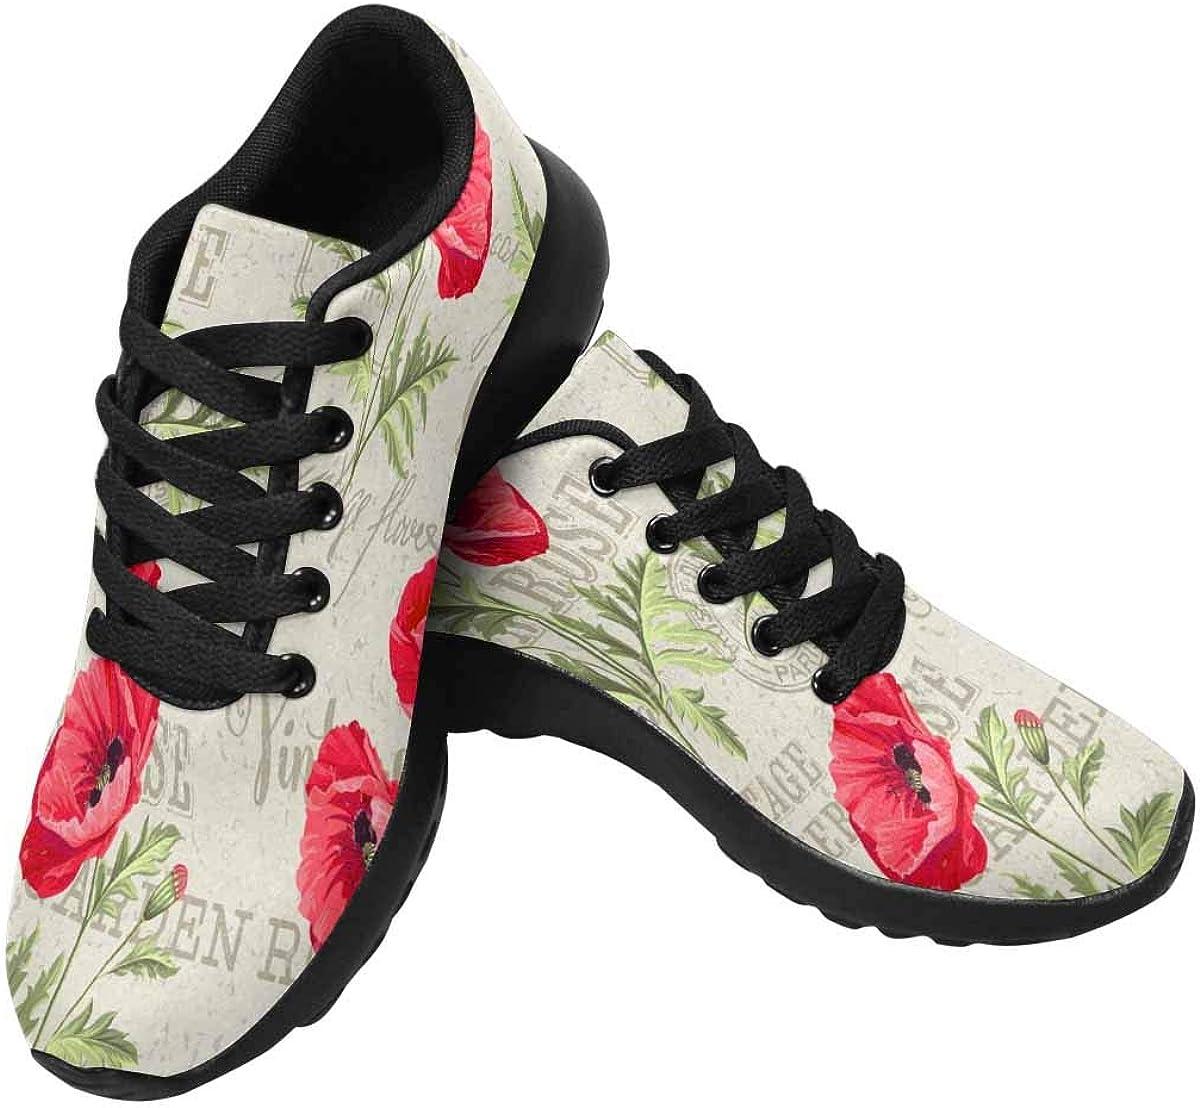 InterestPrint Women's Cross Trainers Running Sneakers